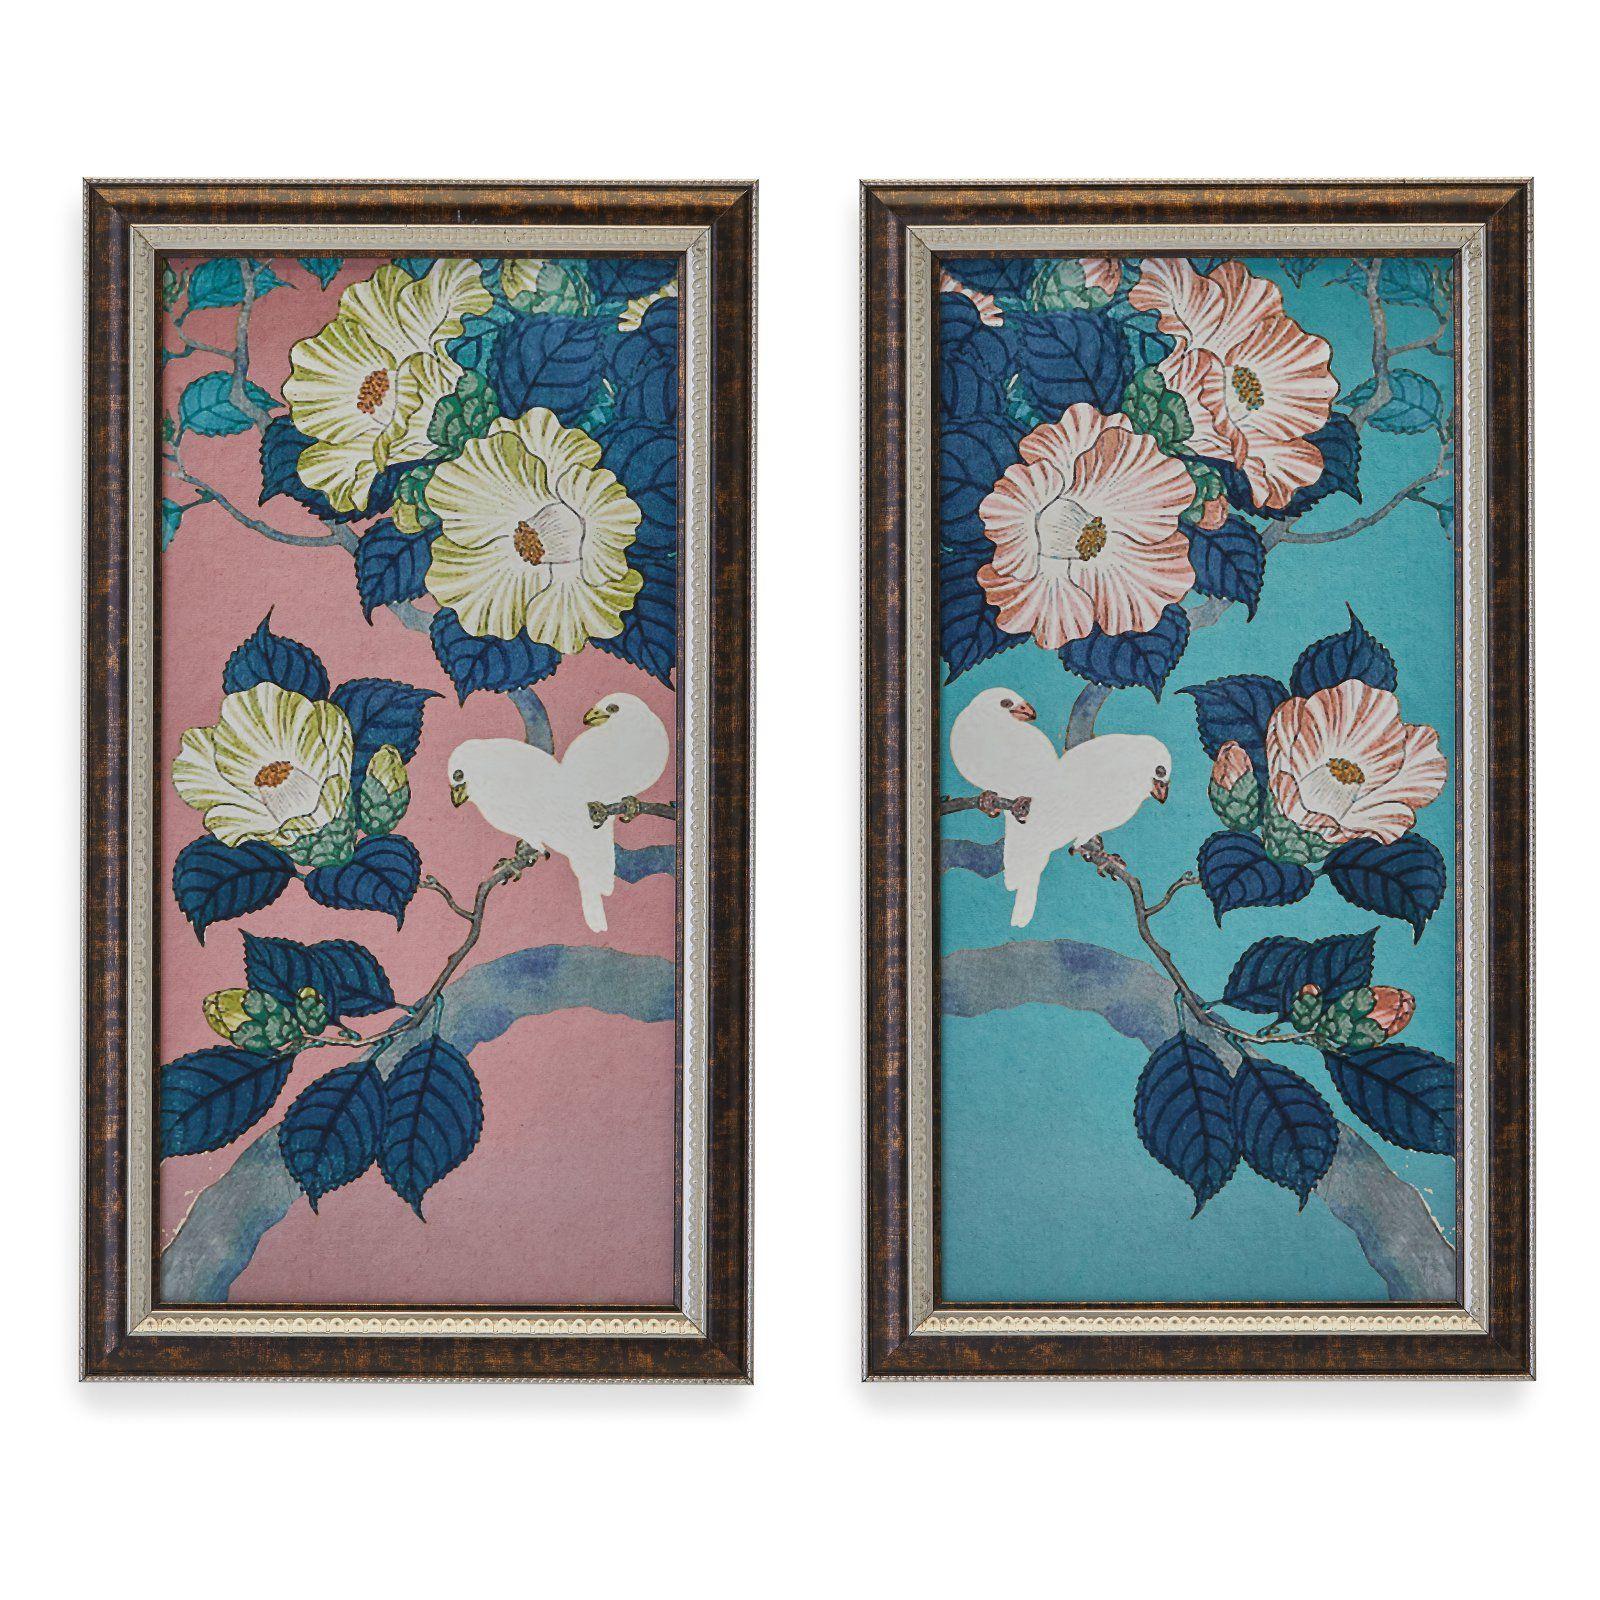 Camilia Birds 2 Piece Framed Wall Art Set By Drew Barrymore Flower Home Bird Wall Art Framed Wall Art Sets Frames On Wall